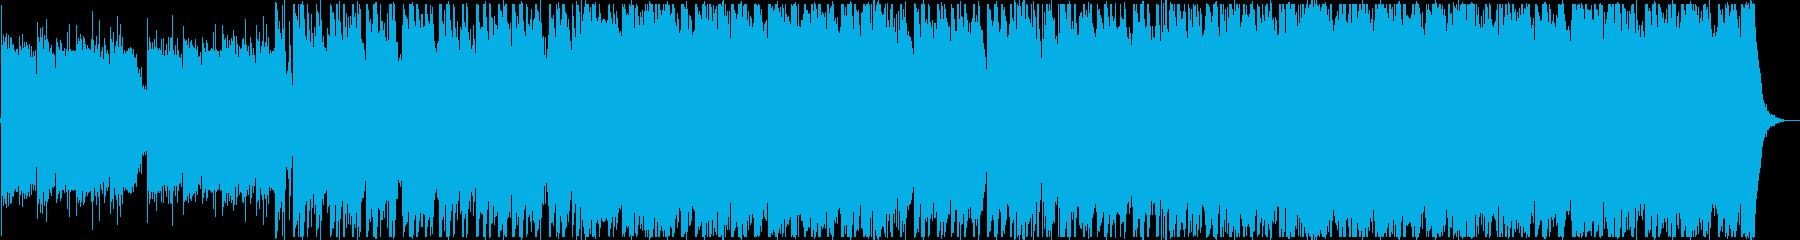 ピアノとオーケストラのゲーム用BGMの再生済みの波形